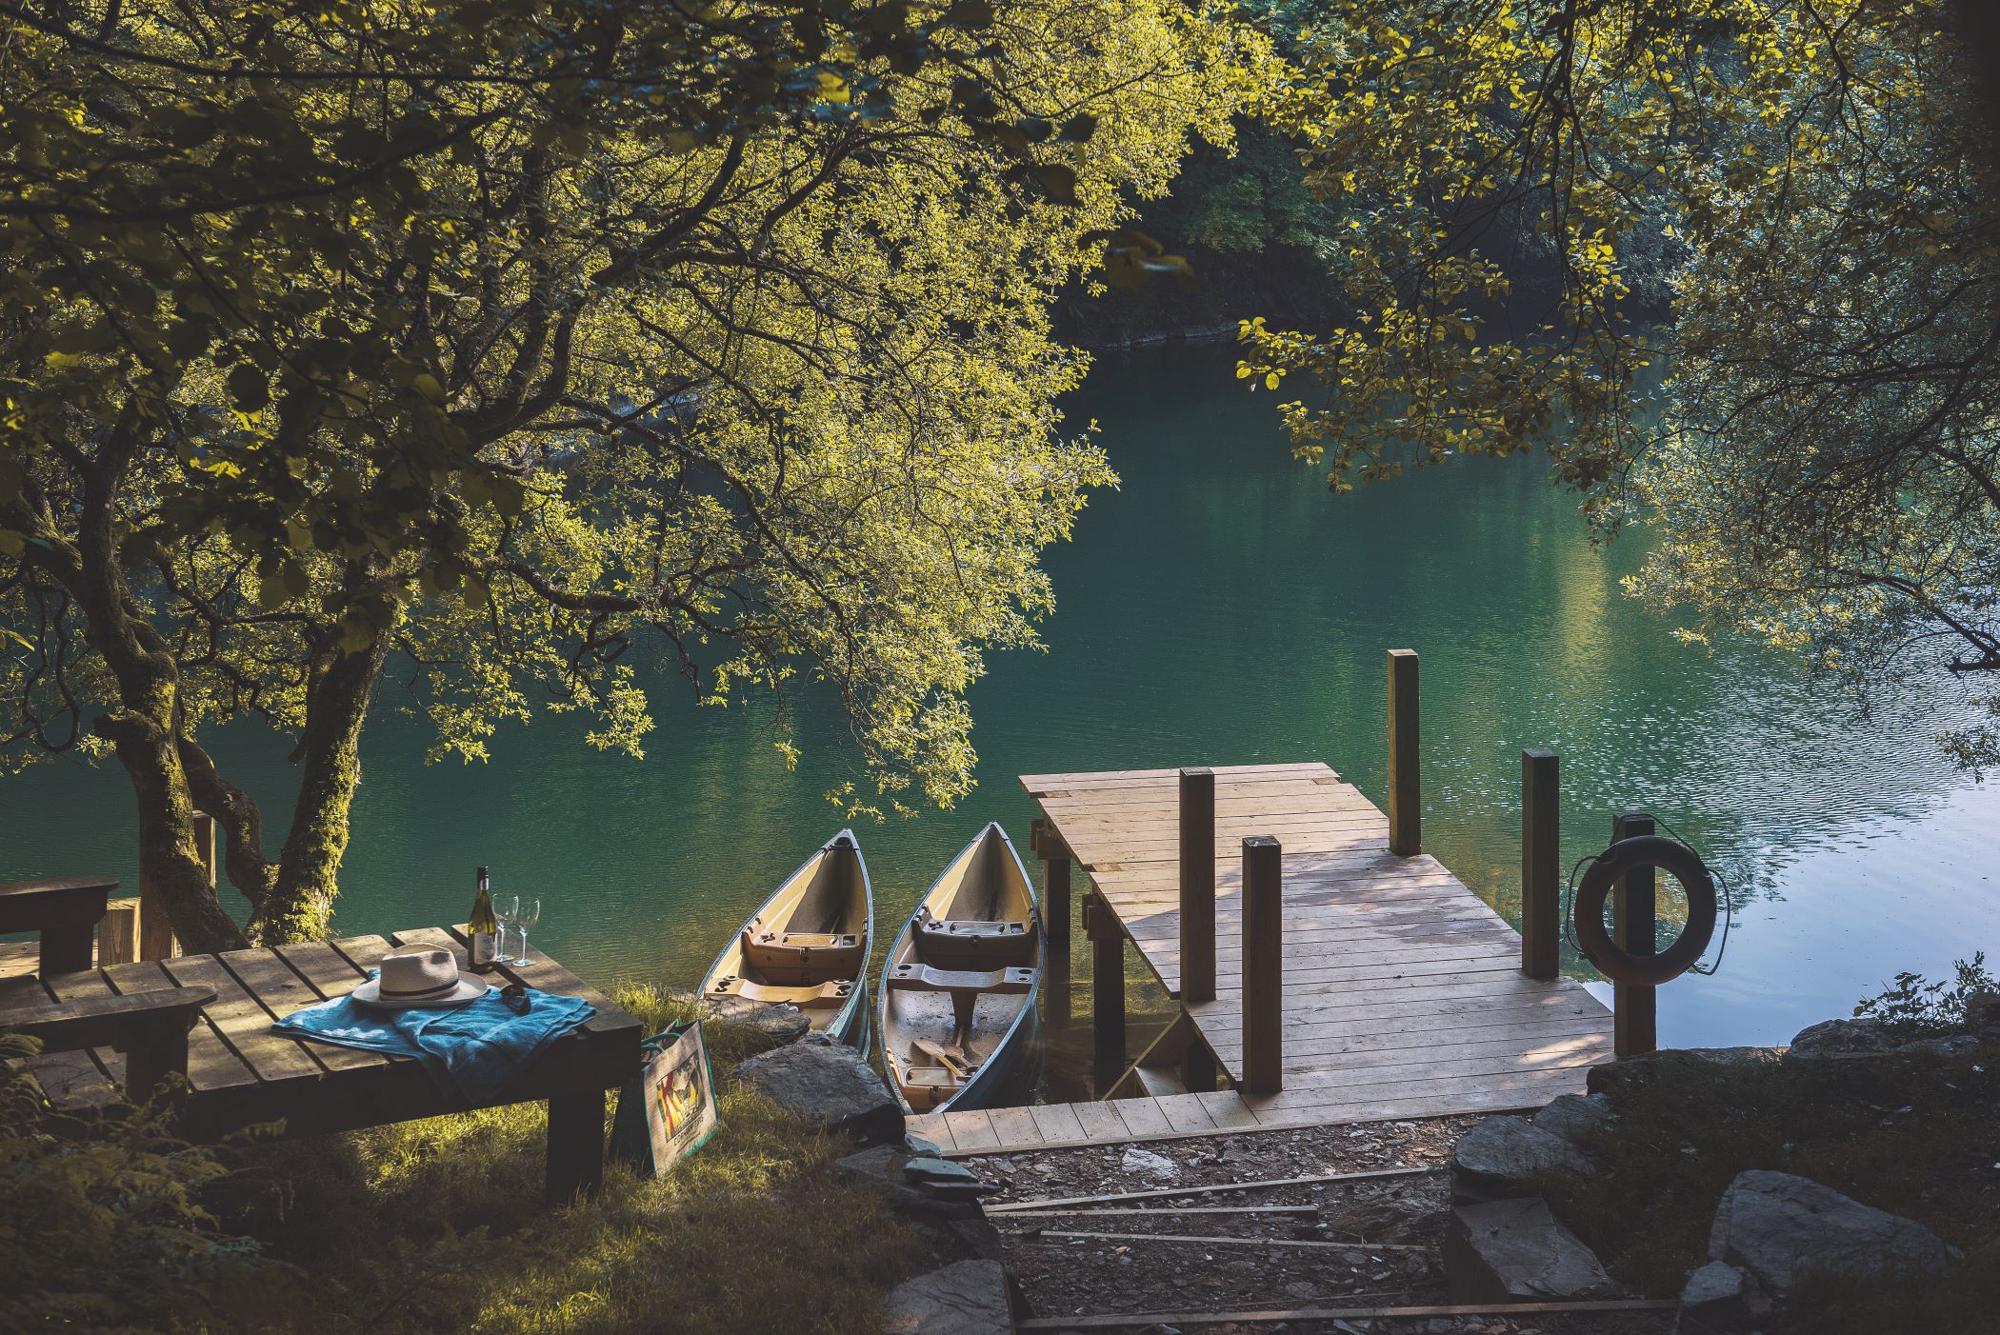 Cornish Tipi Holidays & Camping